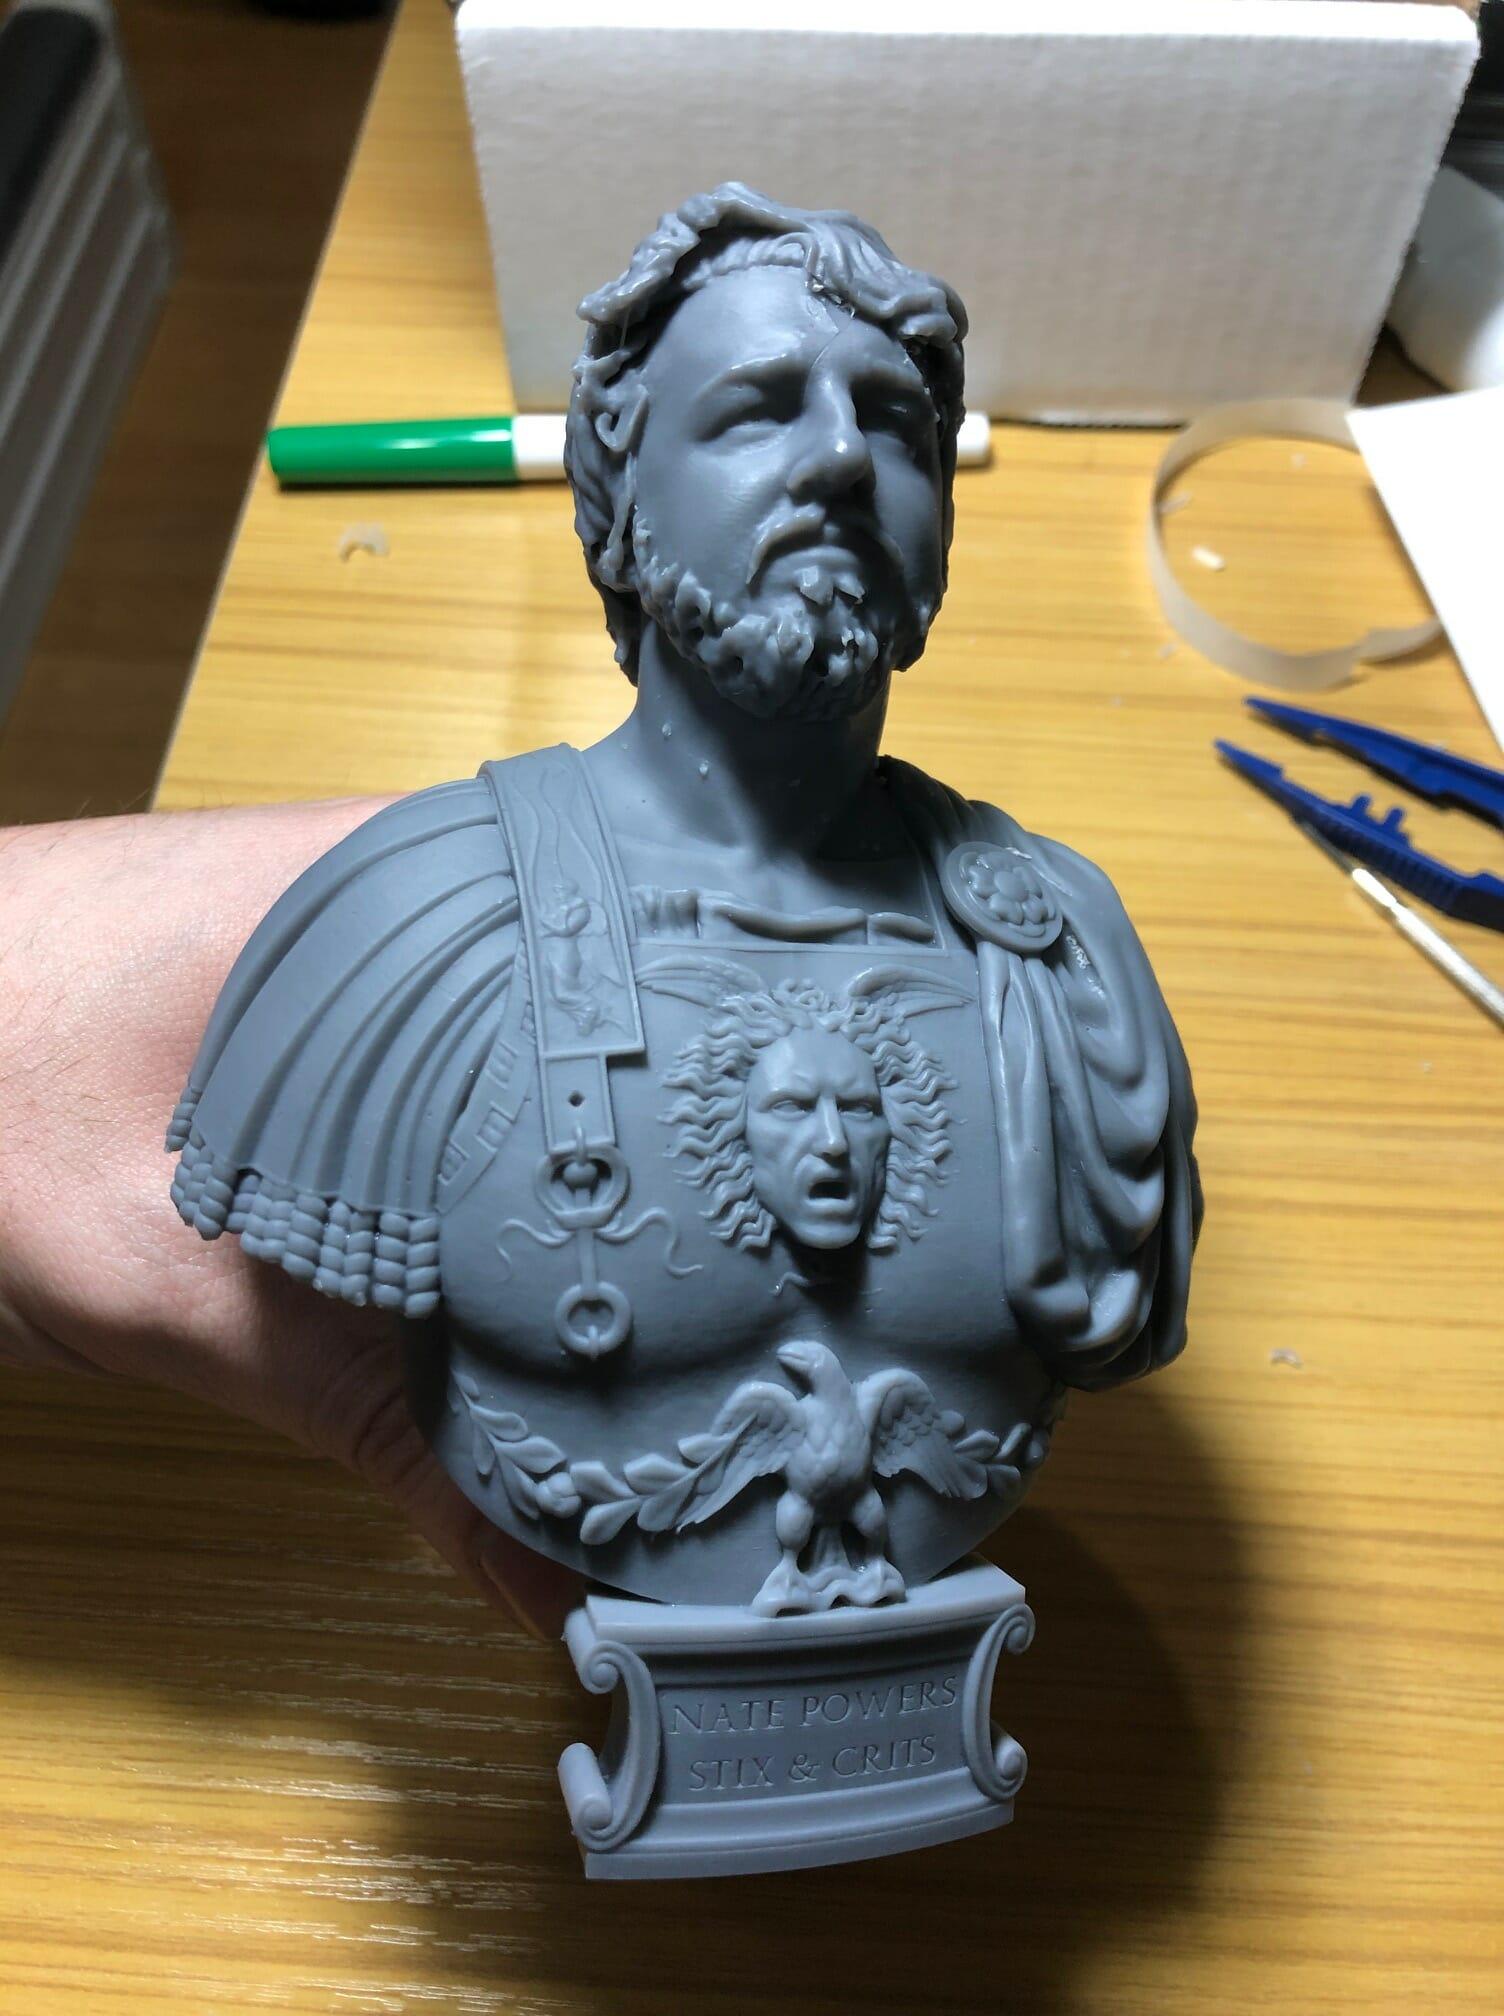 Minuteman Miniatures' bust